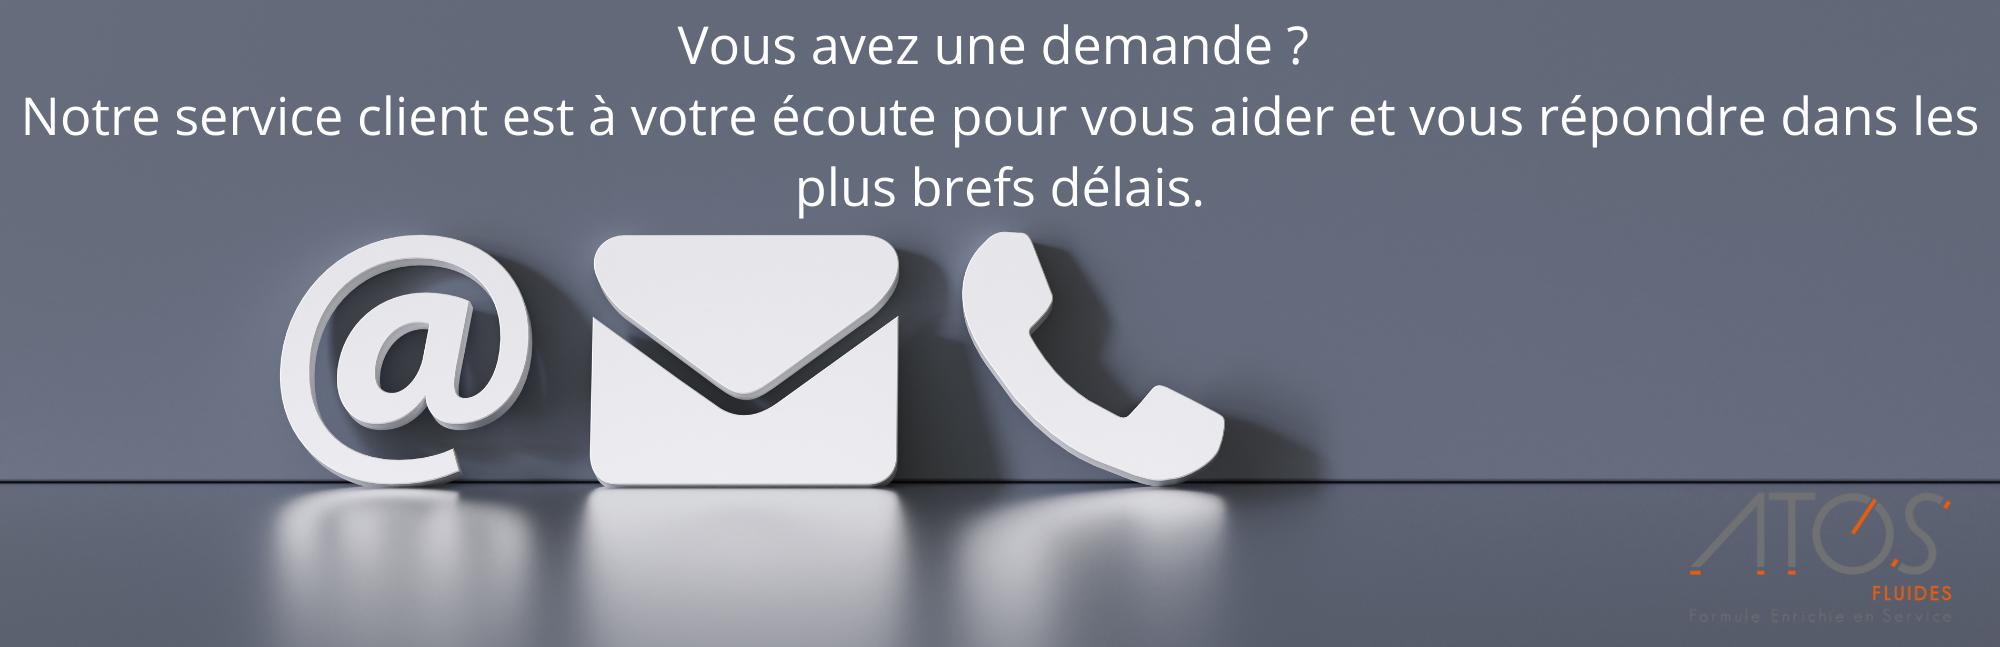 Vous avez une demande _ Notre service client est à votre écoute pour vous aider et vous répondre dans les plus brefs délais.